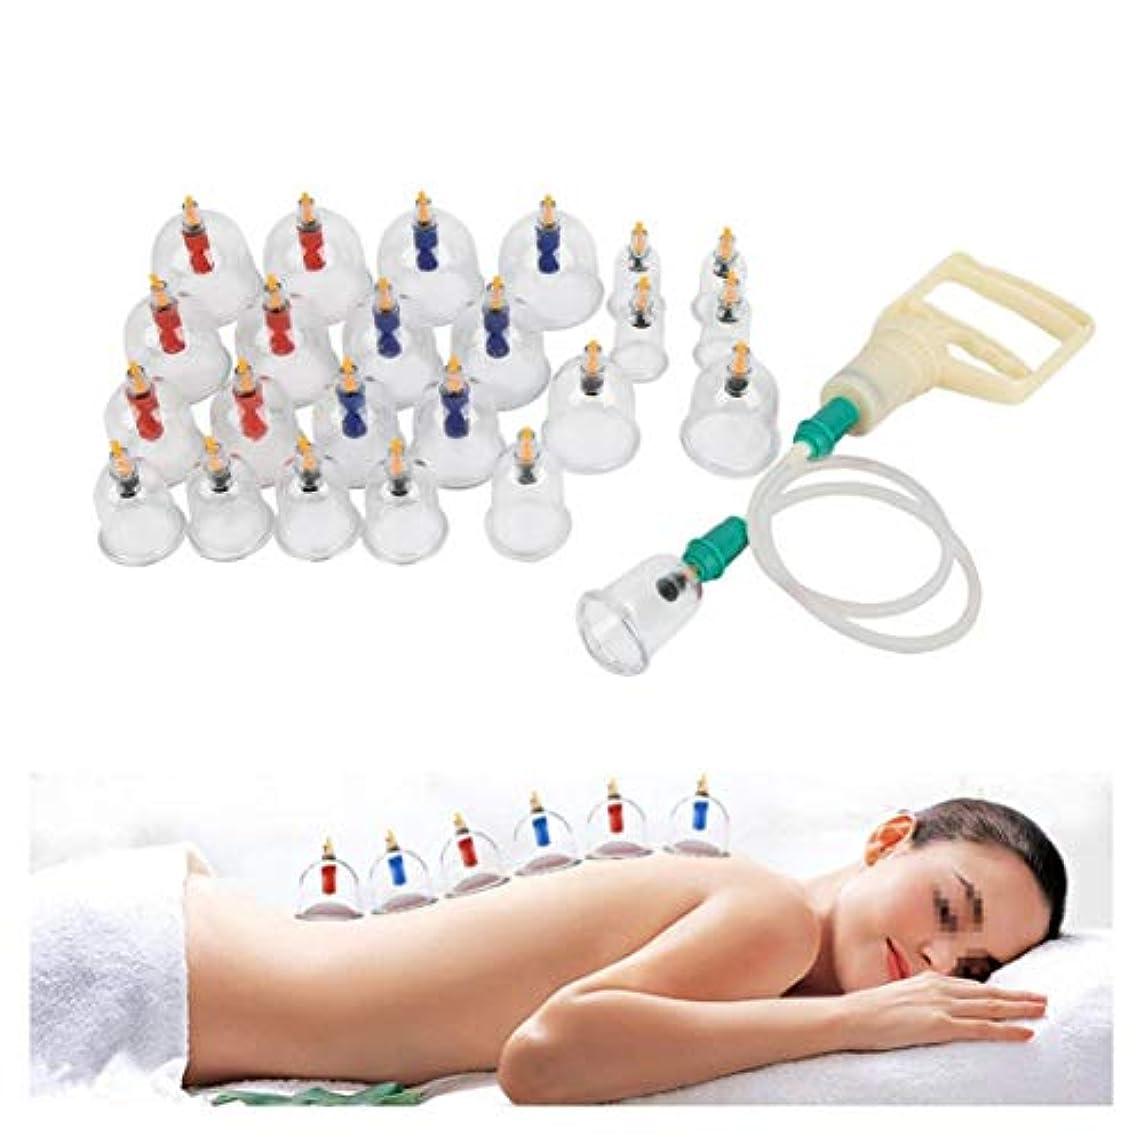 中性なぞらえる玉カッピングセラピーセットマッサージバキュームカップキット - 鍼治療のボディ医療サクションセット24ピース用痛み緩和